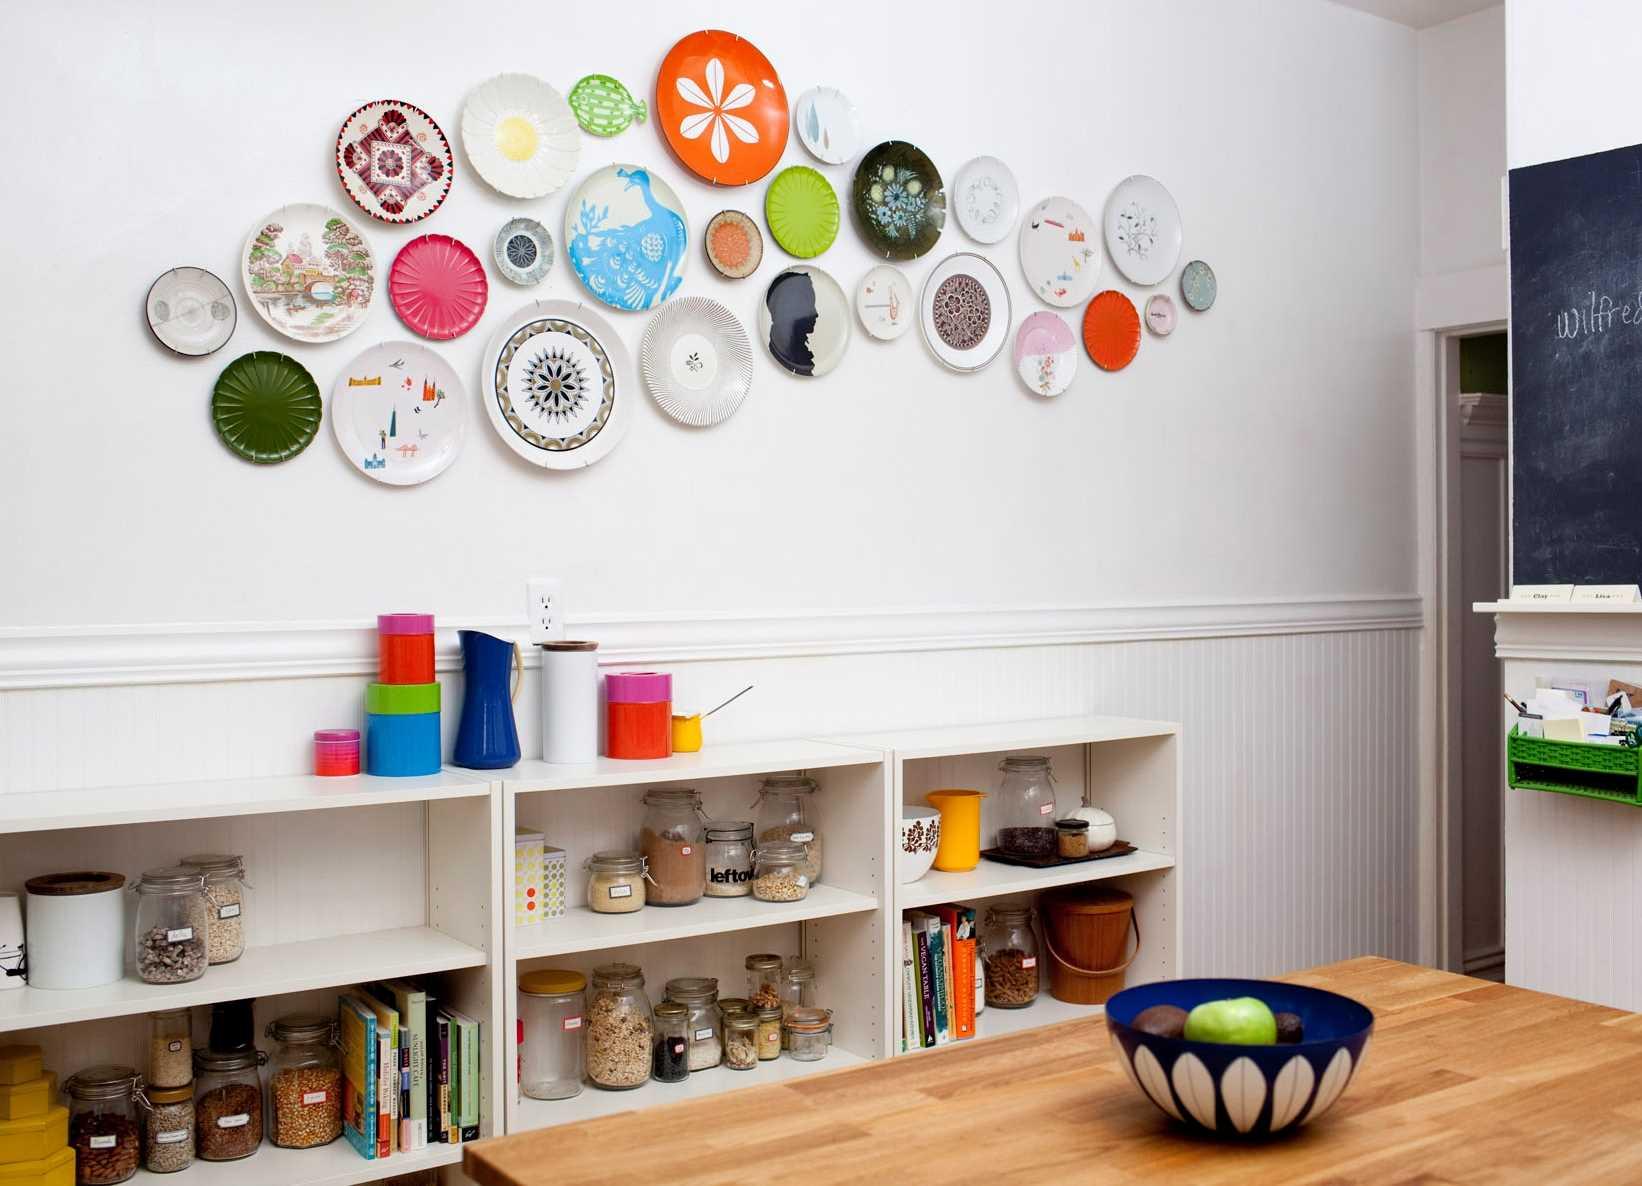 variante du style lumineux de la chambre à coucher avec des assiettes décoratives au mur